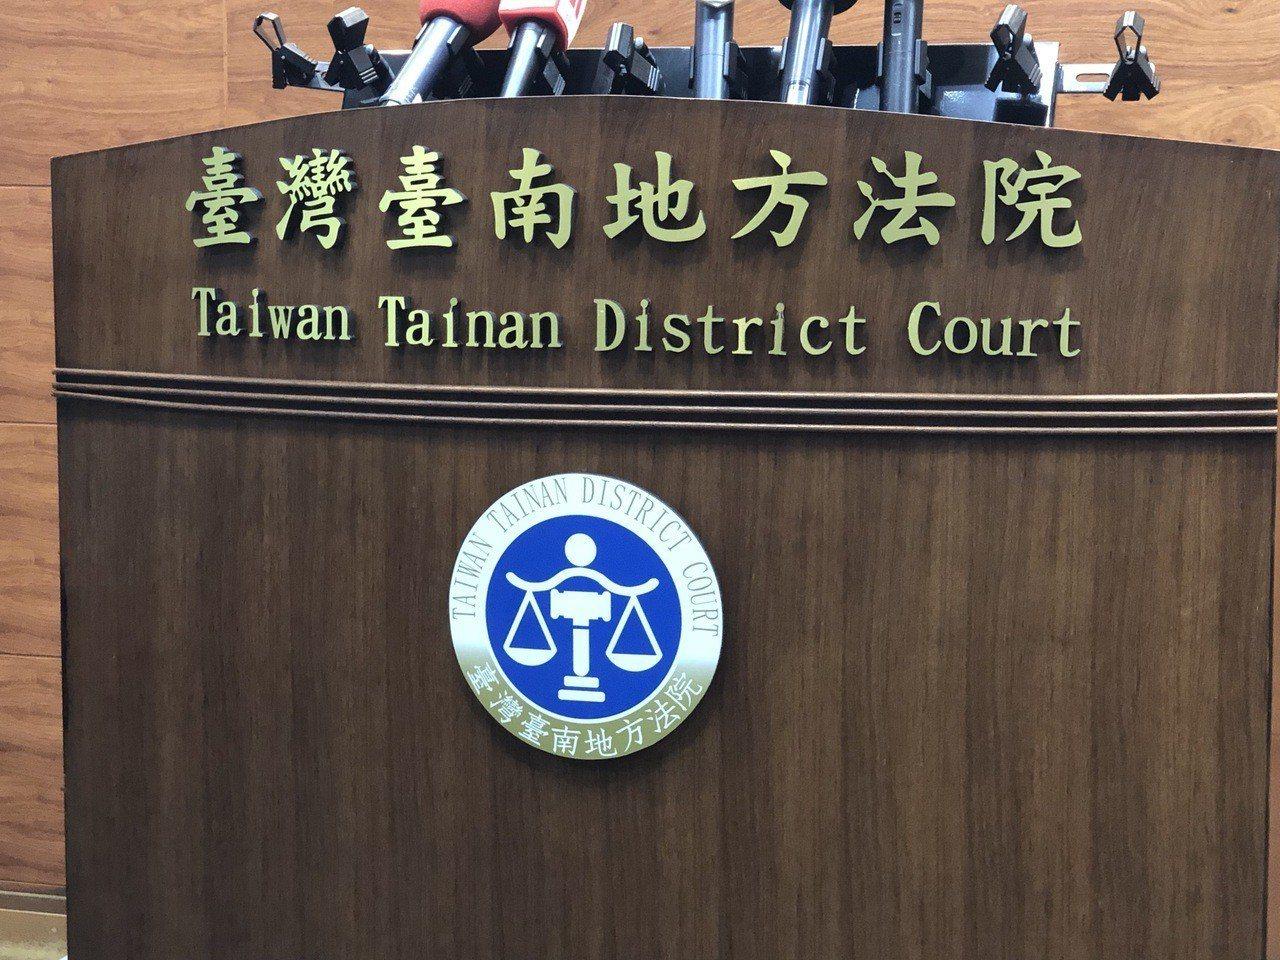 台南地院認陳姓男子犯妨害公眾往來安全罪,被判5月徒刑外,民事部分則判賠8萬元,可...